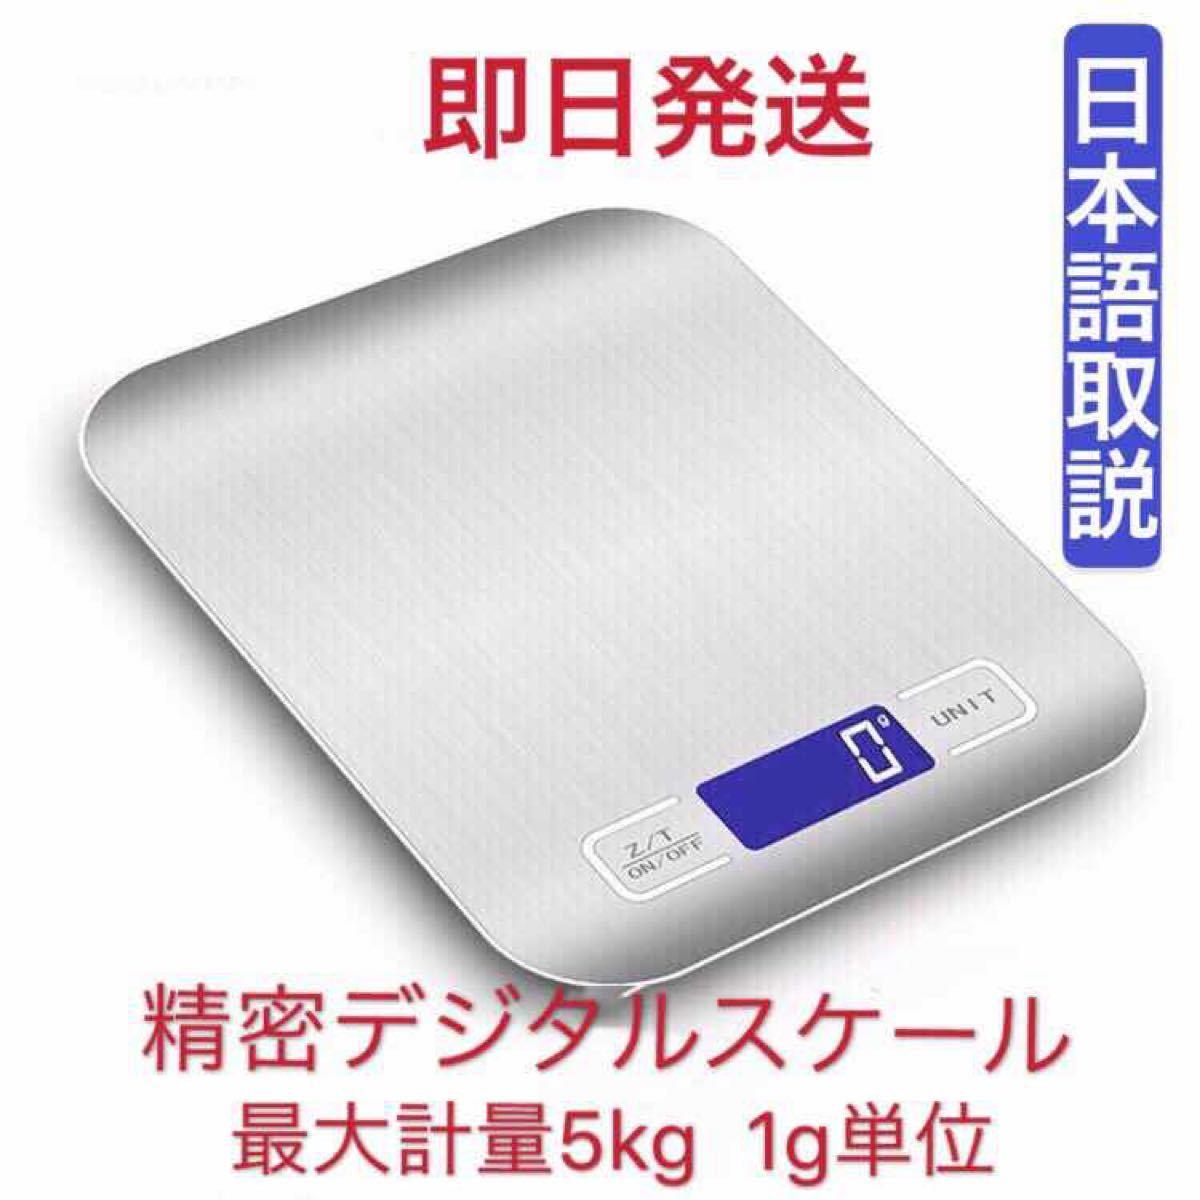 5kgデジタルスケール チッキンスケール 料理お菓子秤 はかり 電子秤 計量器